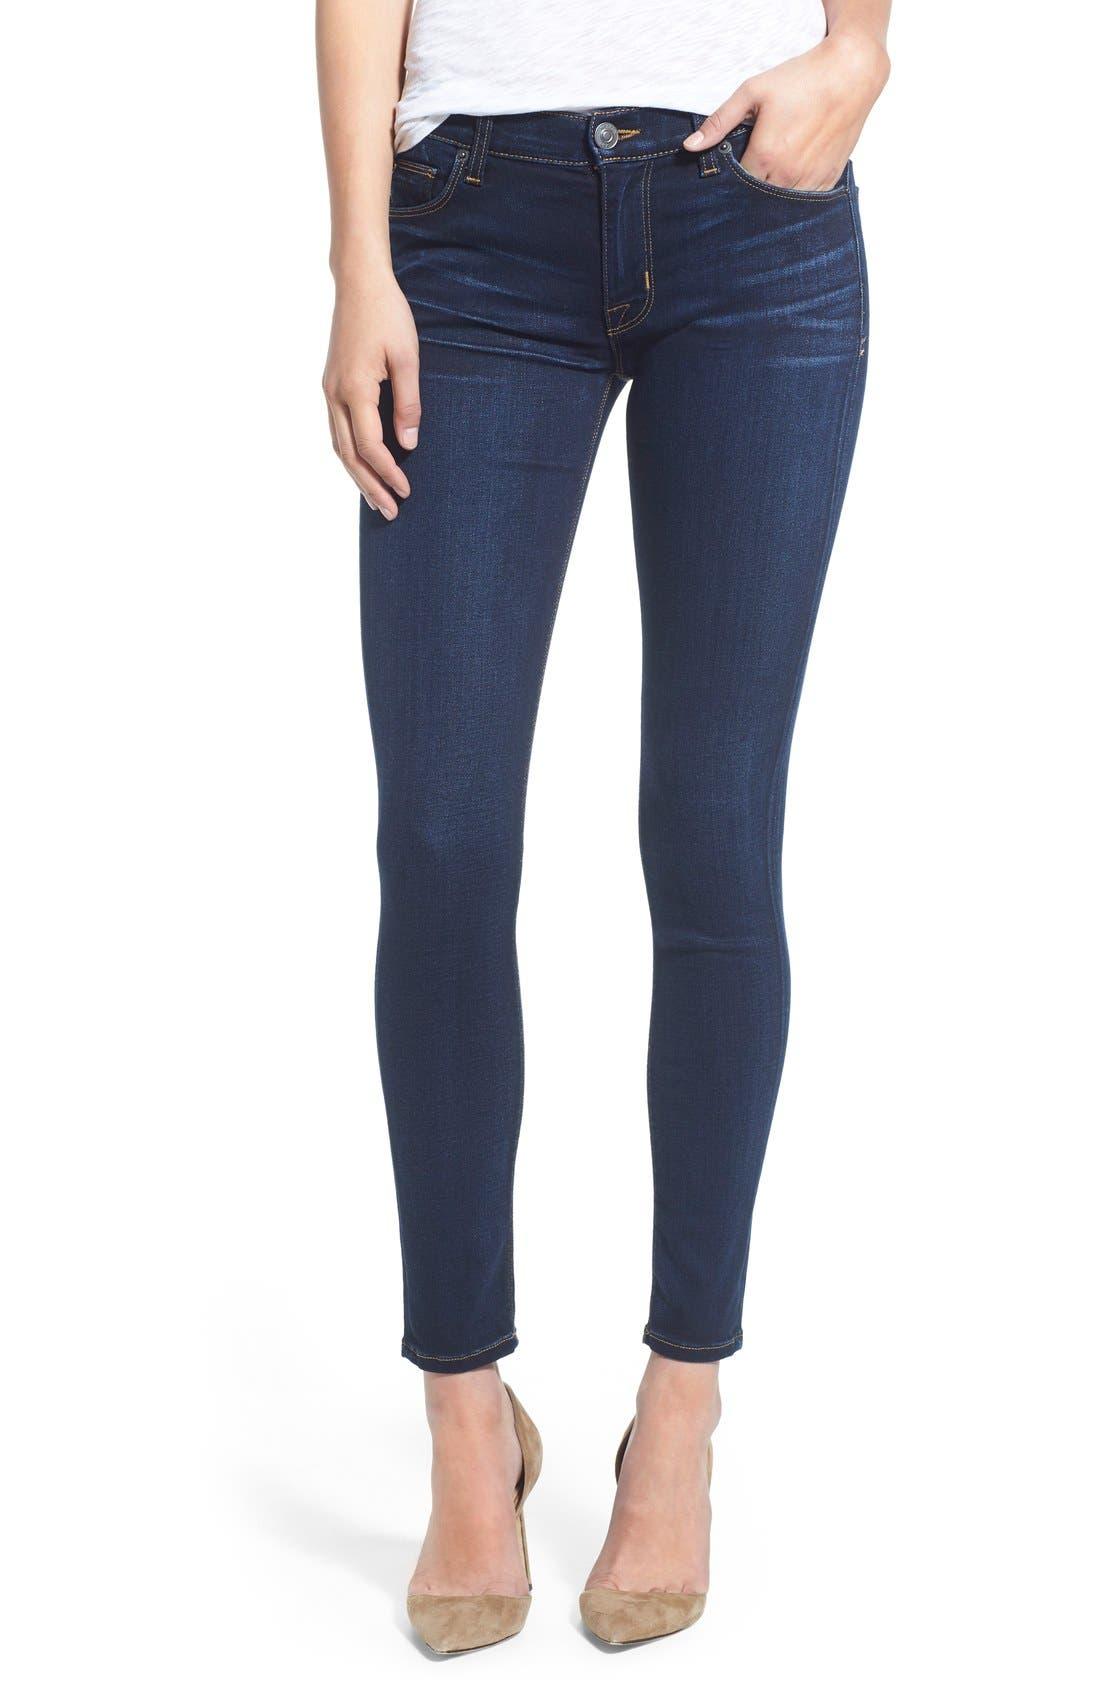 HUDSON JEANS HudsonJeans Super Skinny Jeans